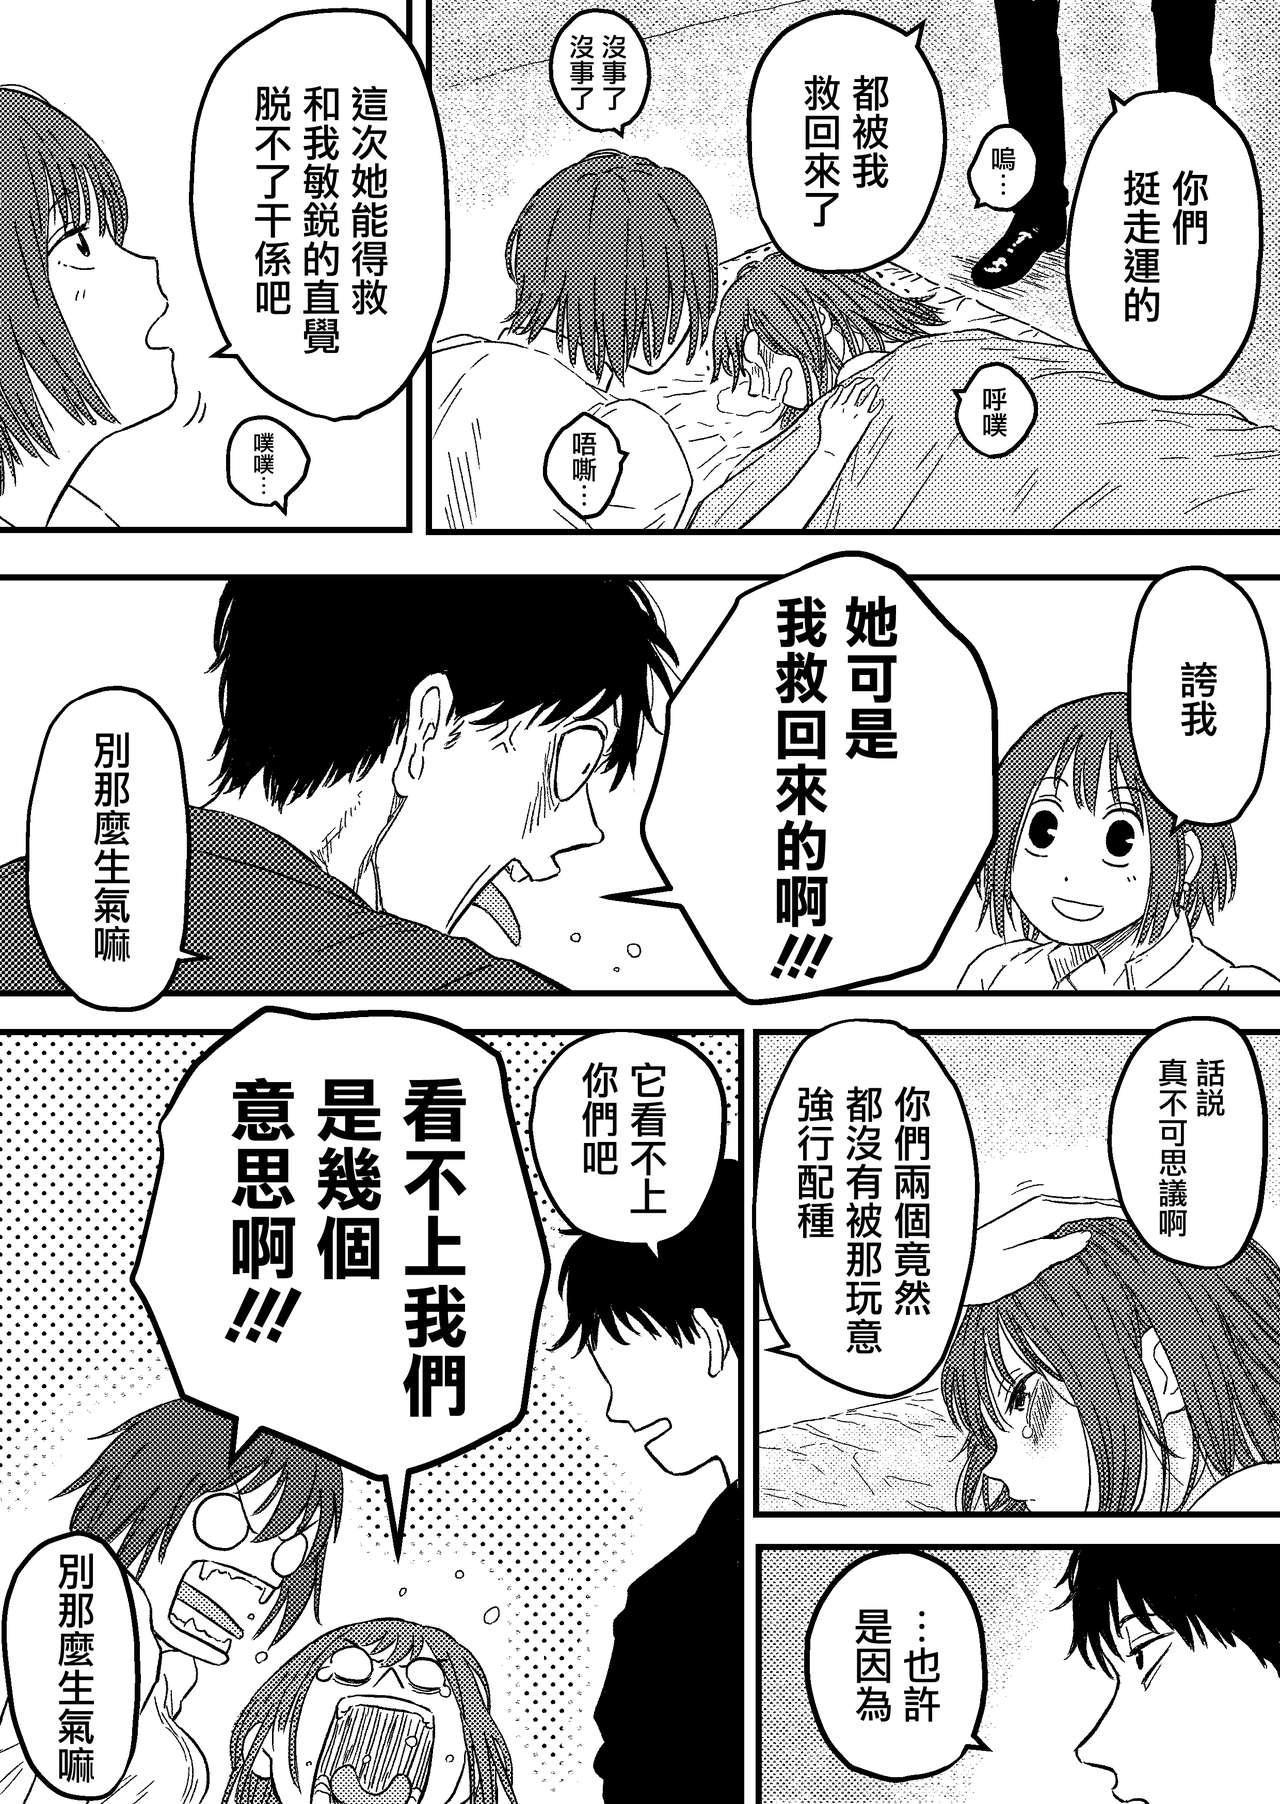 TENTACLE DAY 2BAD 【Saikyou Shokushu ni Yoru Saiaku no Seme ni Modae Kuruu Shoujo no Akumu】 30